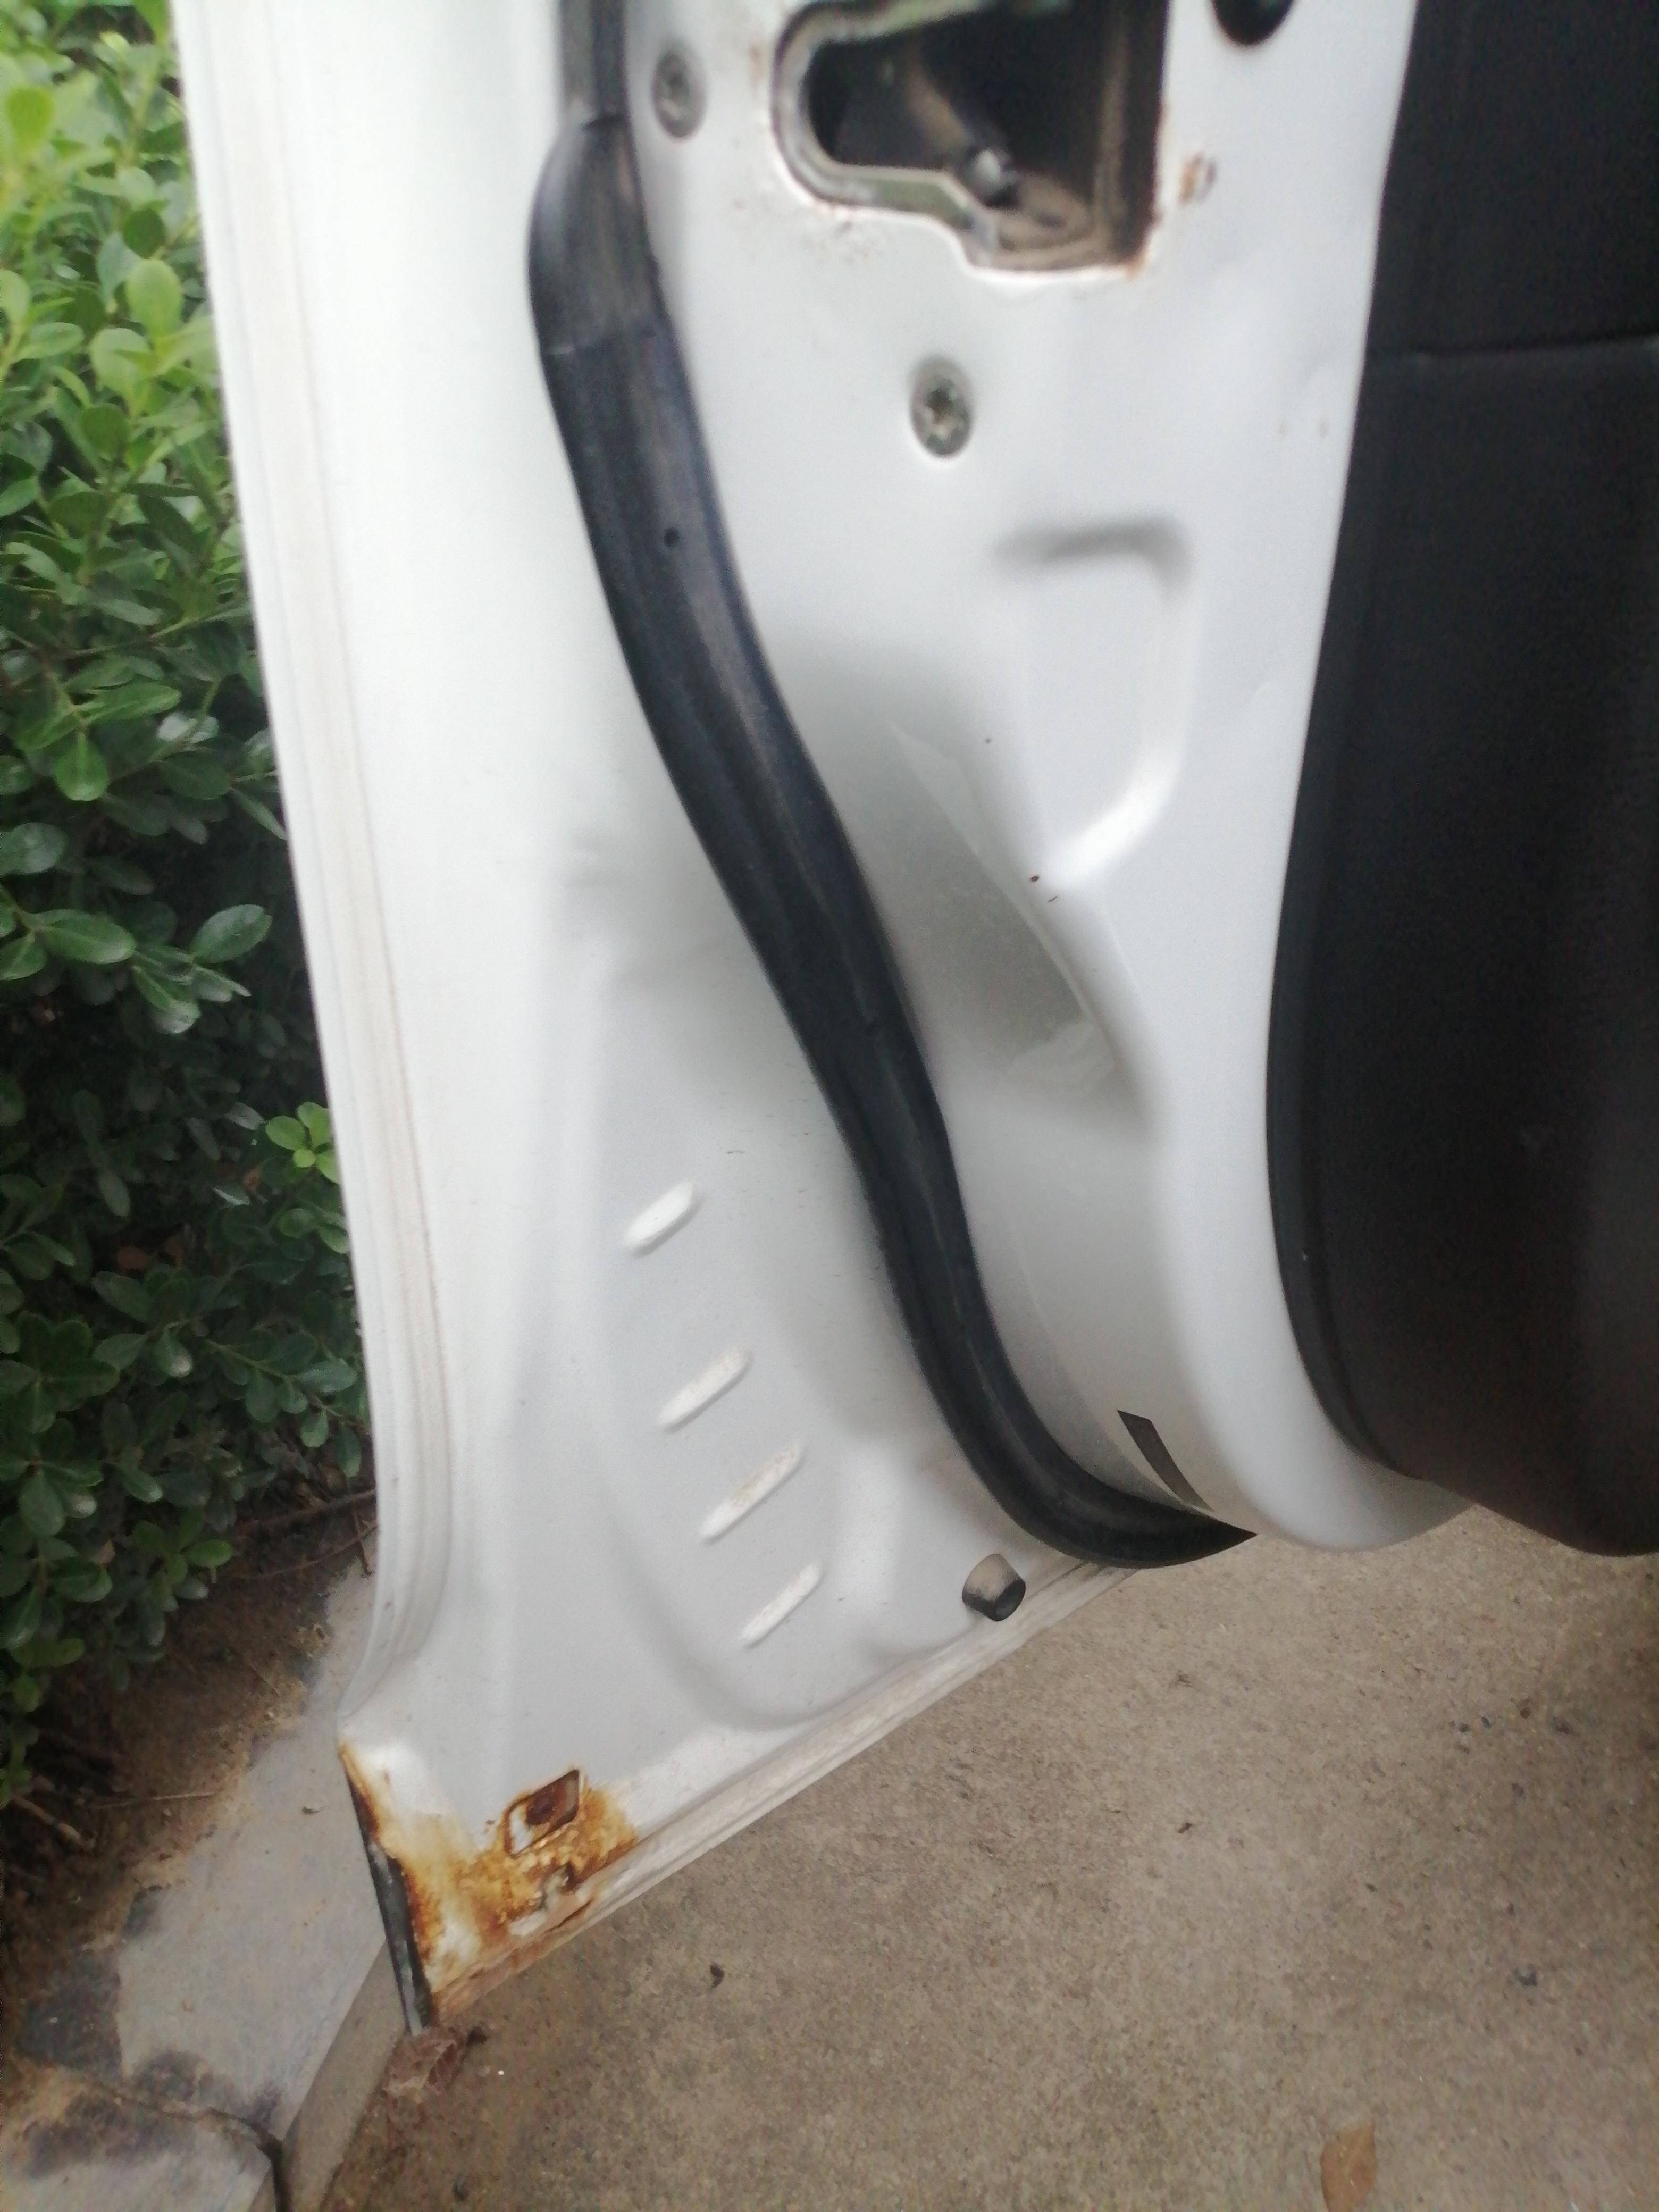 一汽-骏派D60车身掉漆严重